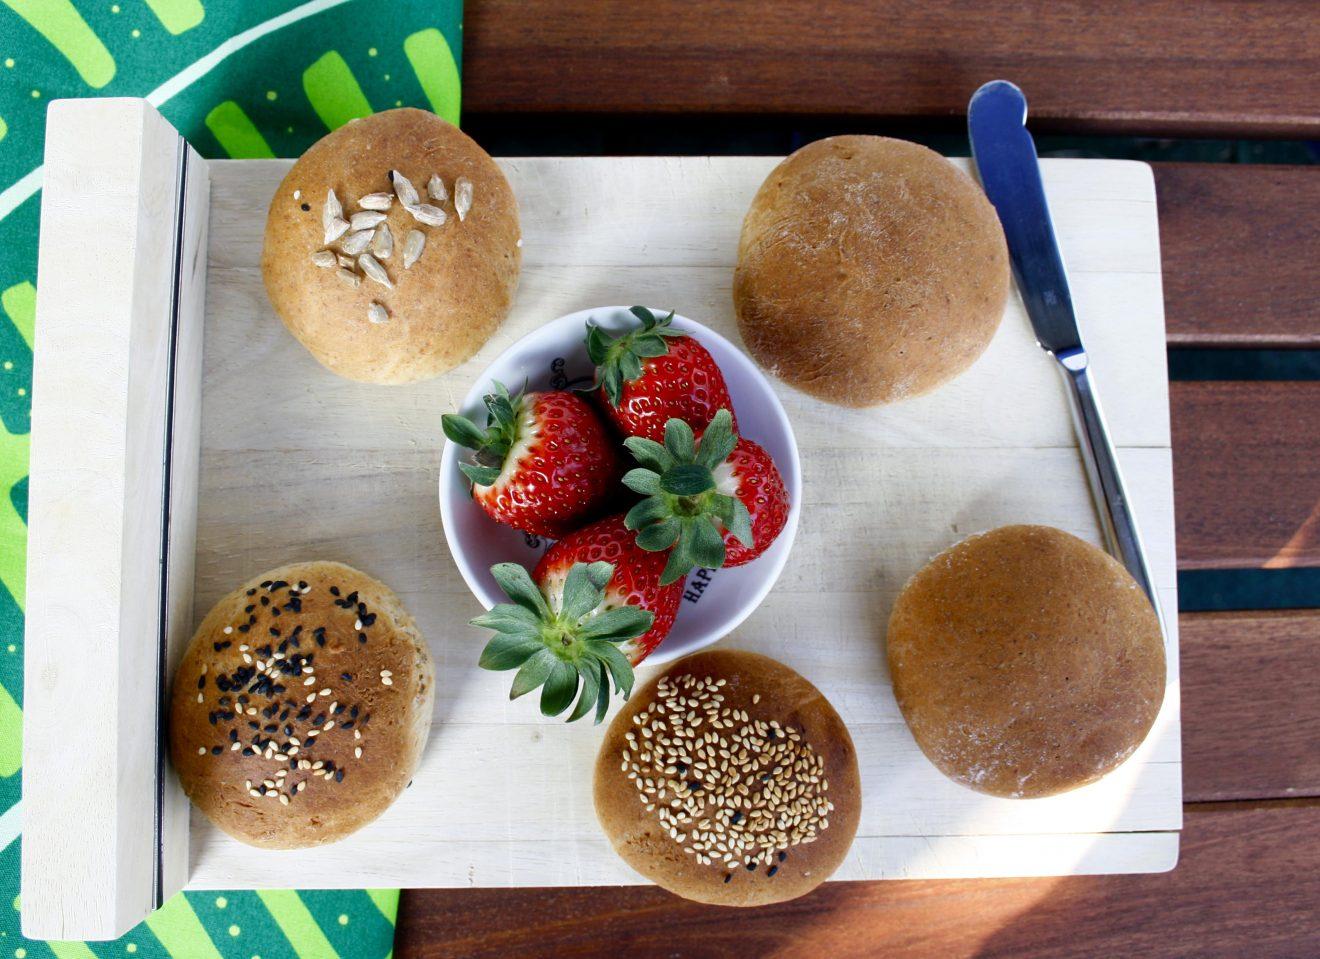 Körnerbrötchen // Buns with grain by http://babyrockmyday.com/die-weltbesten-koernerbroetchen/